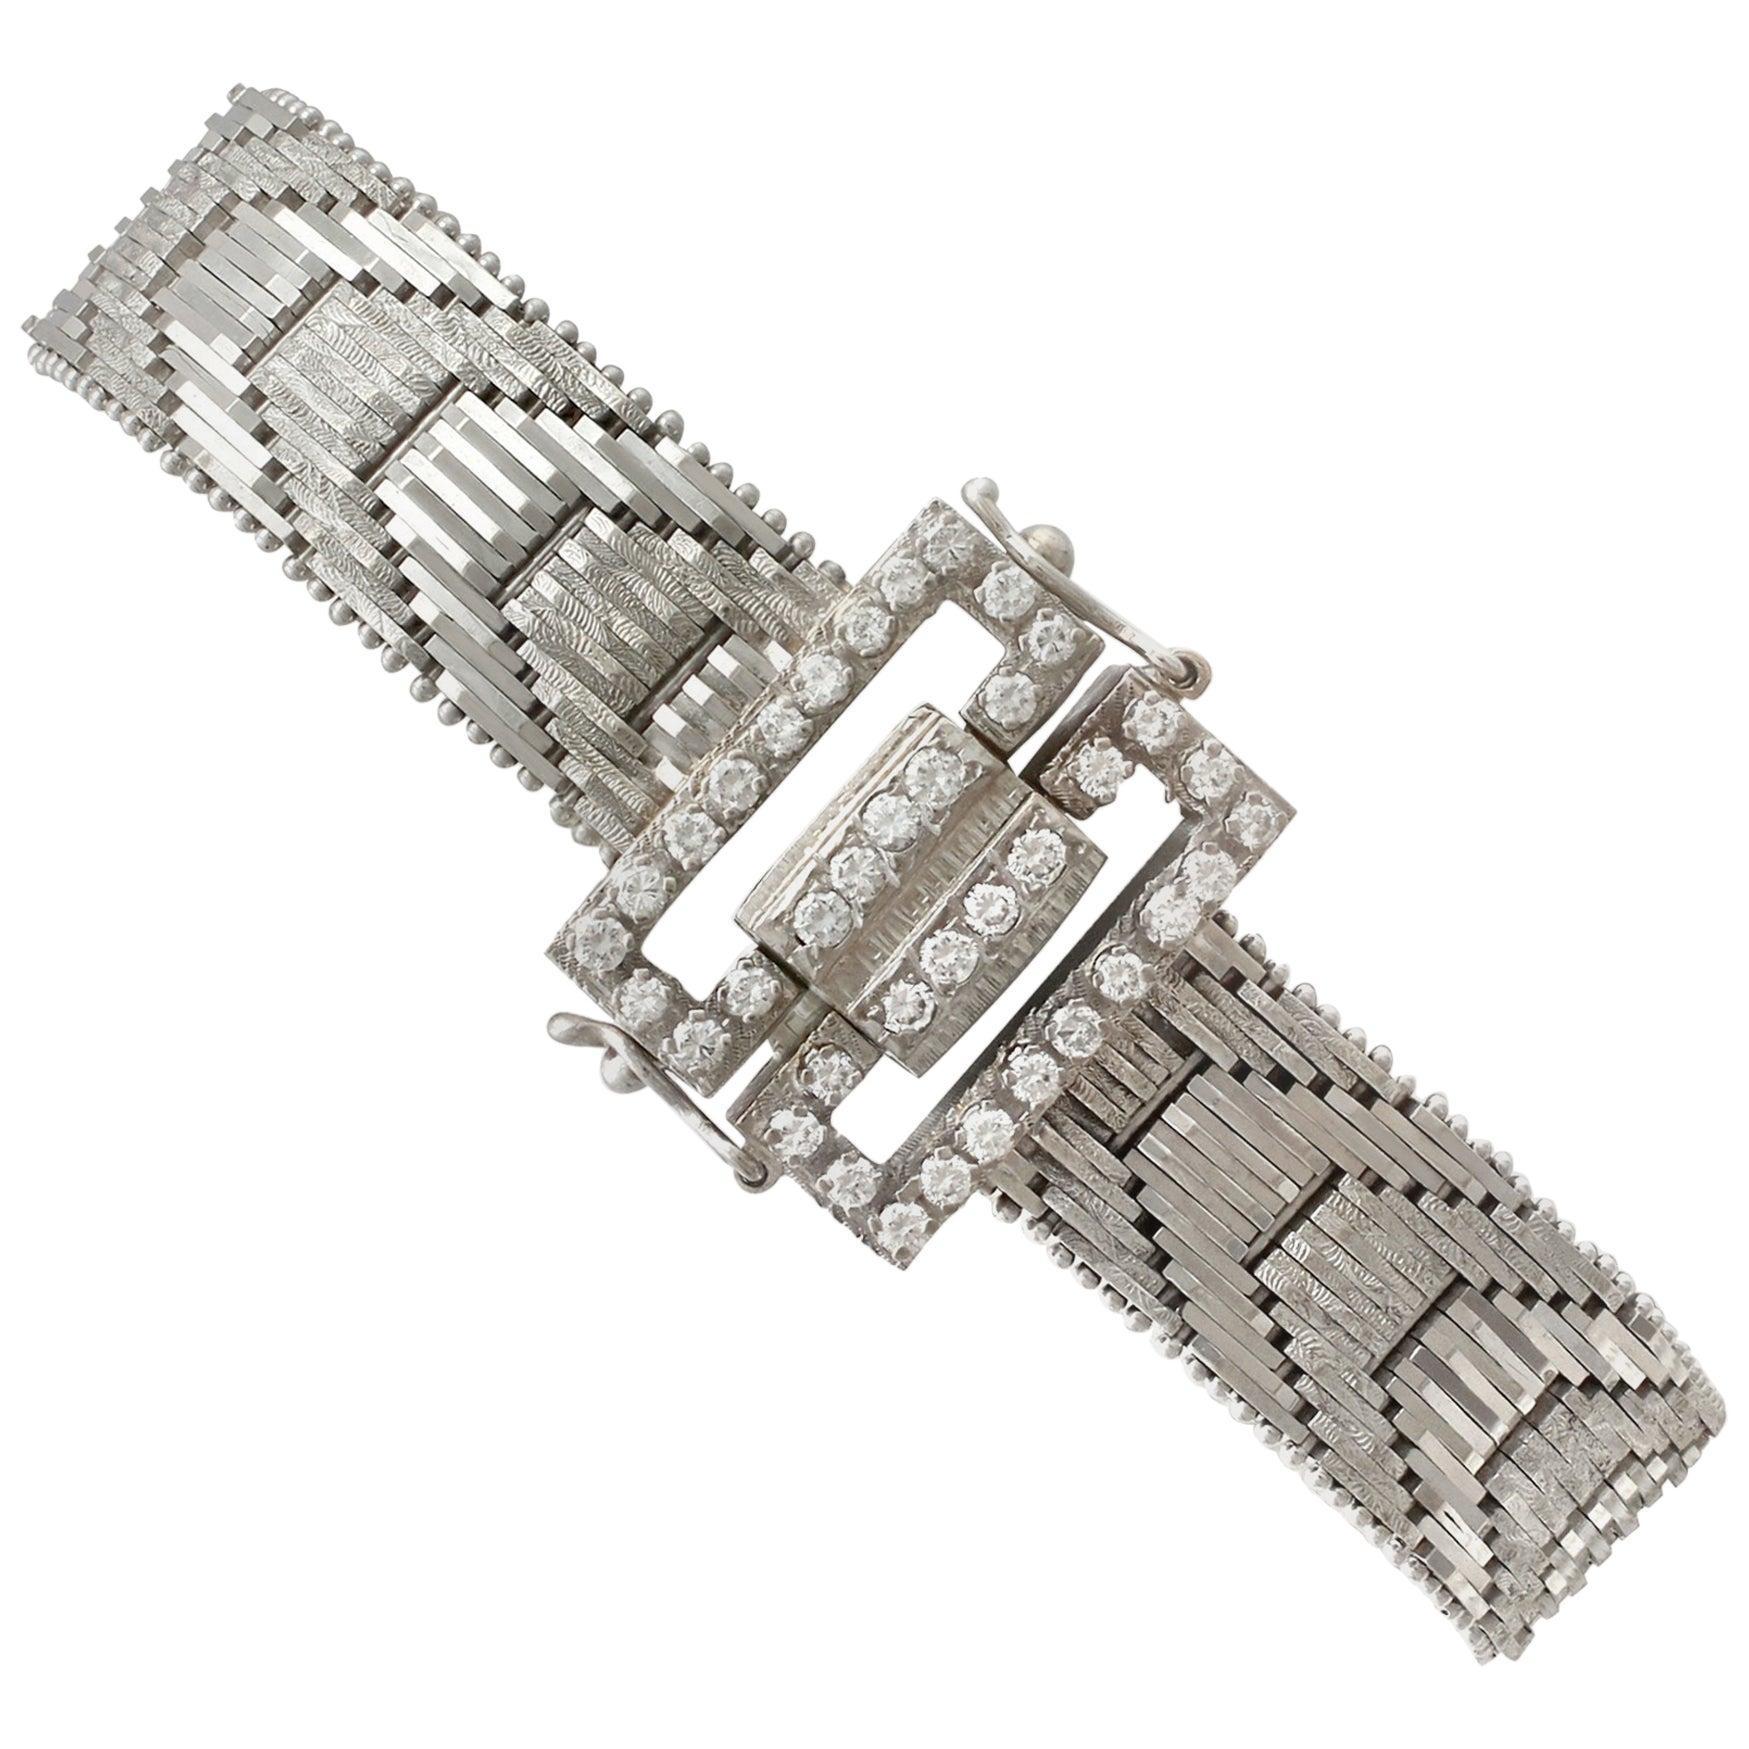 Vintage 1940s Art Deco 1.20 Carat Diamonds Gold Bracelet